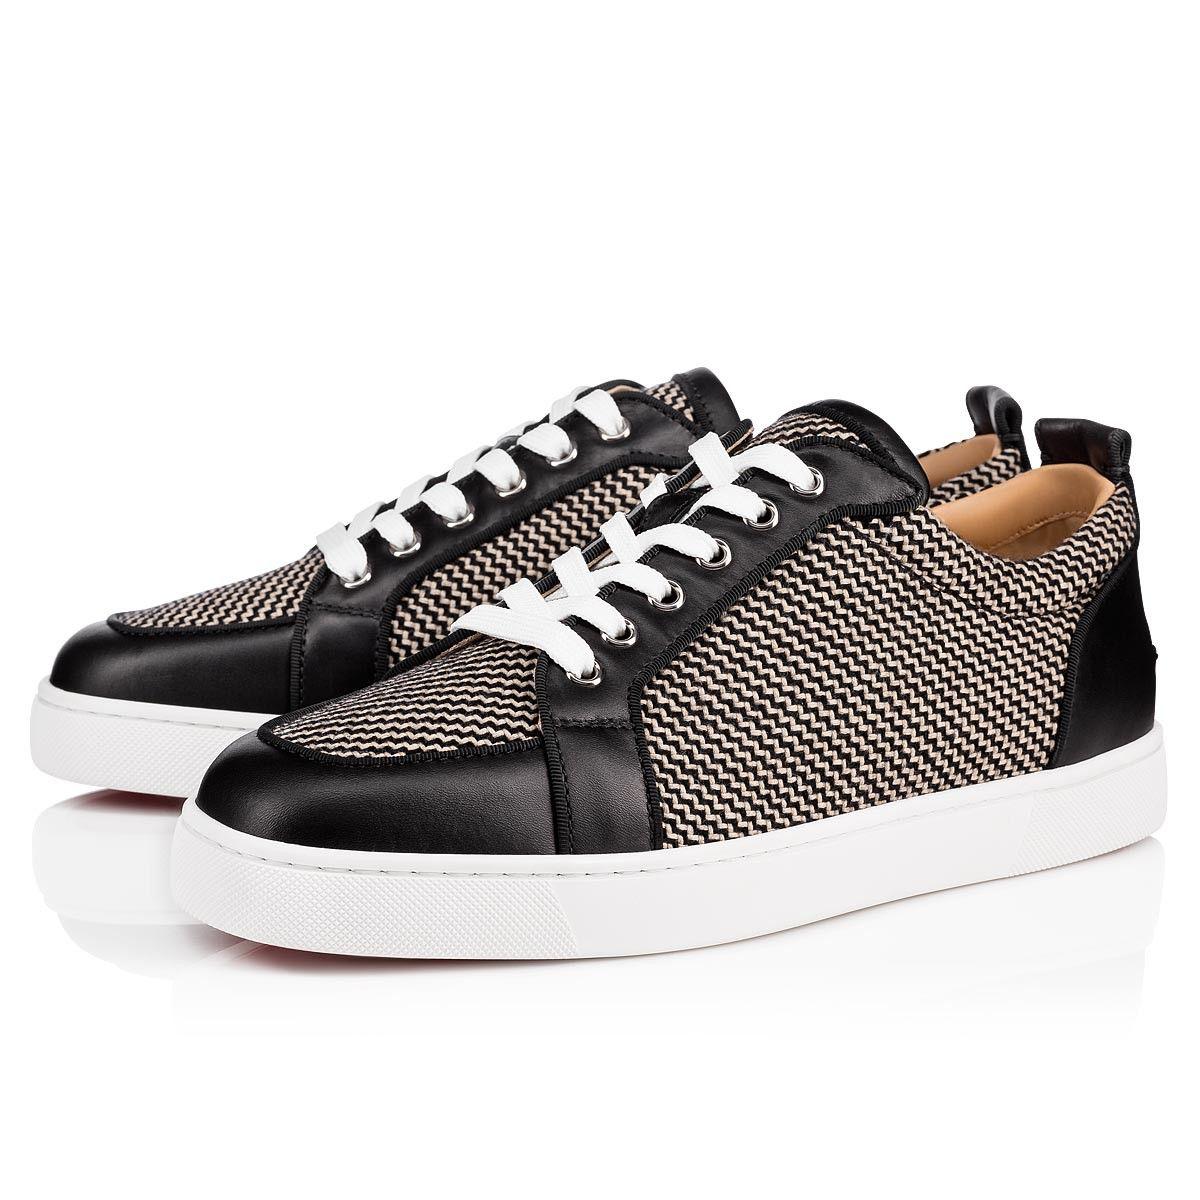 chaussures de séparation 6c08b e0b0e Inspirée par un courant rétro, la Maison Louboutin repense ...